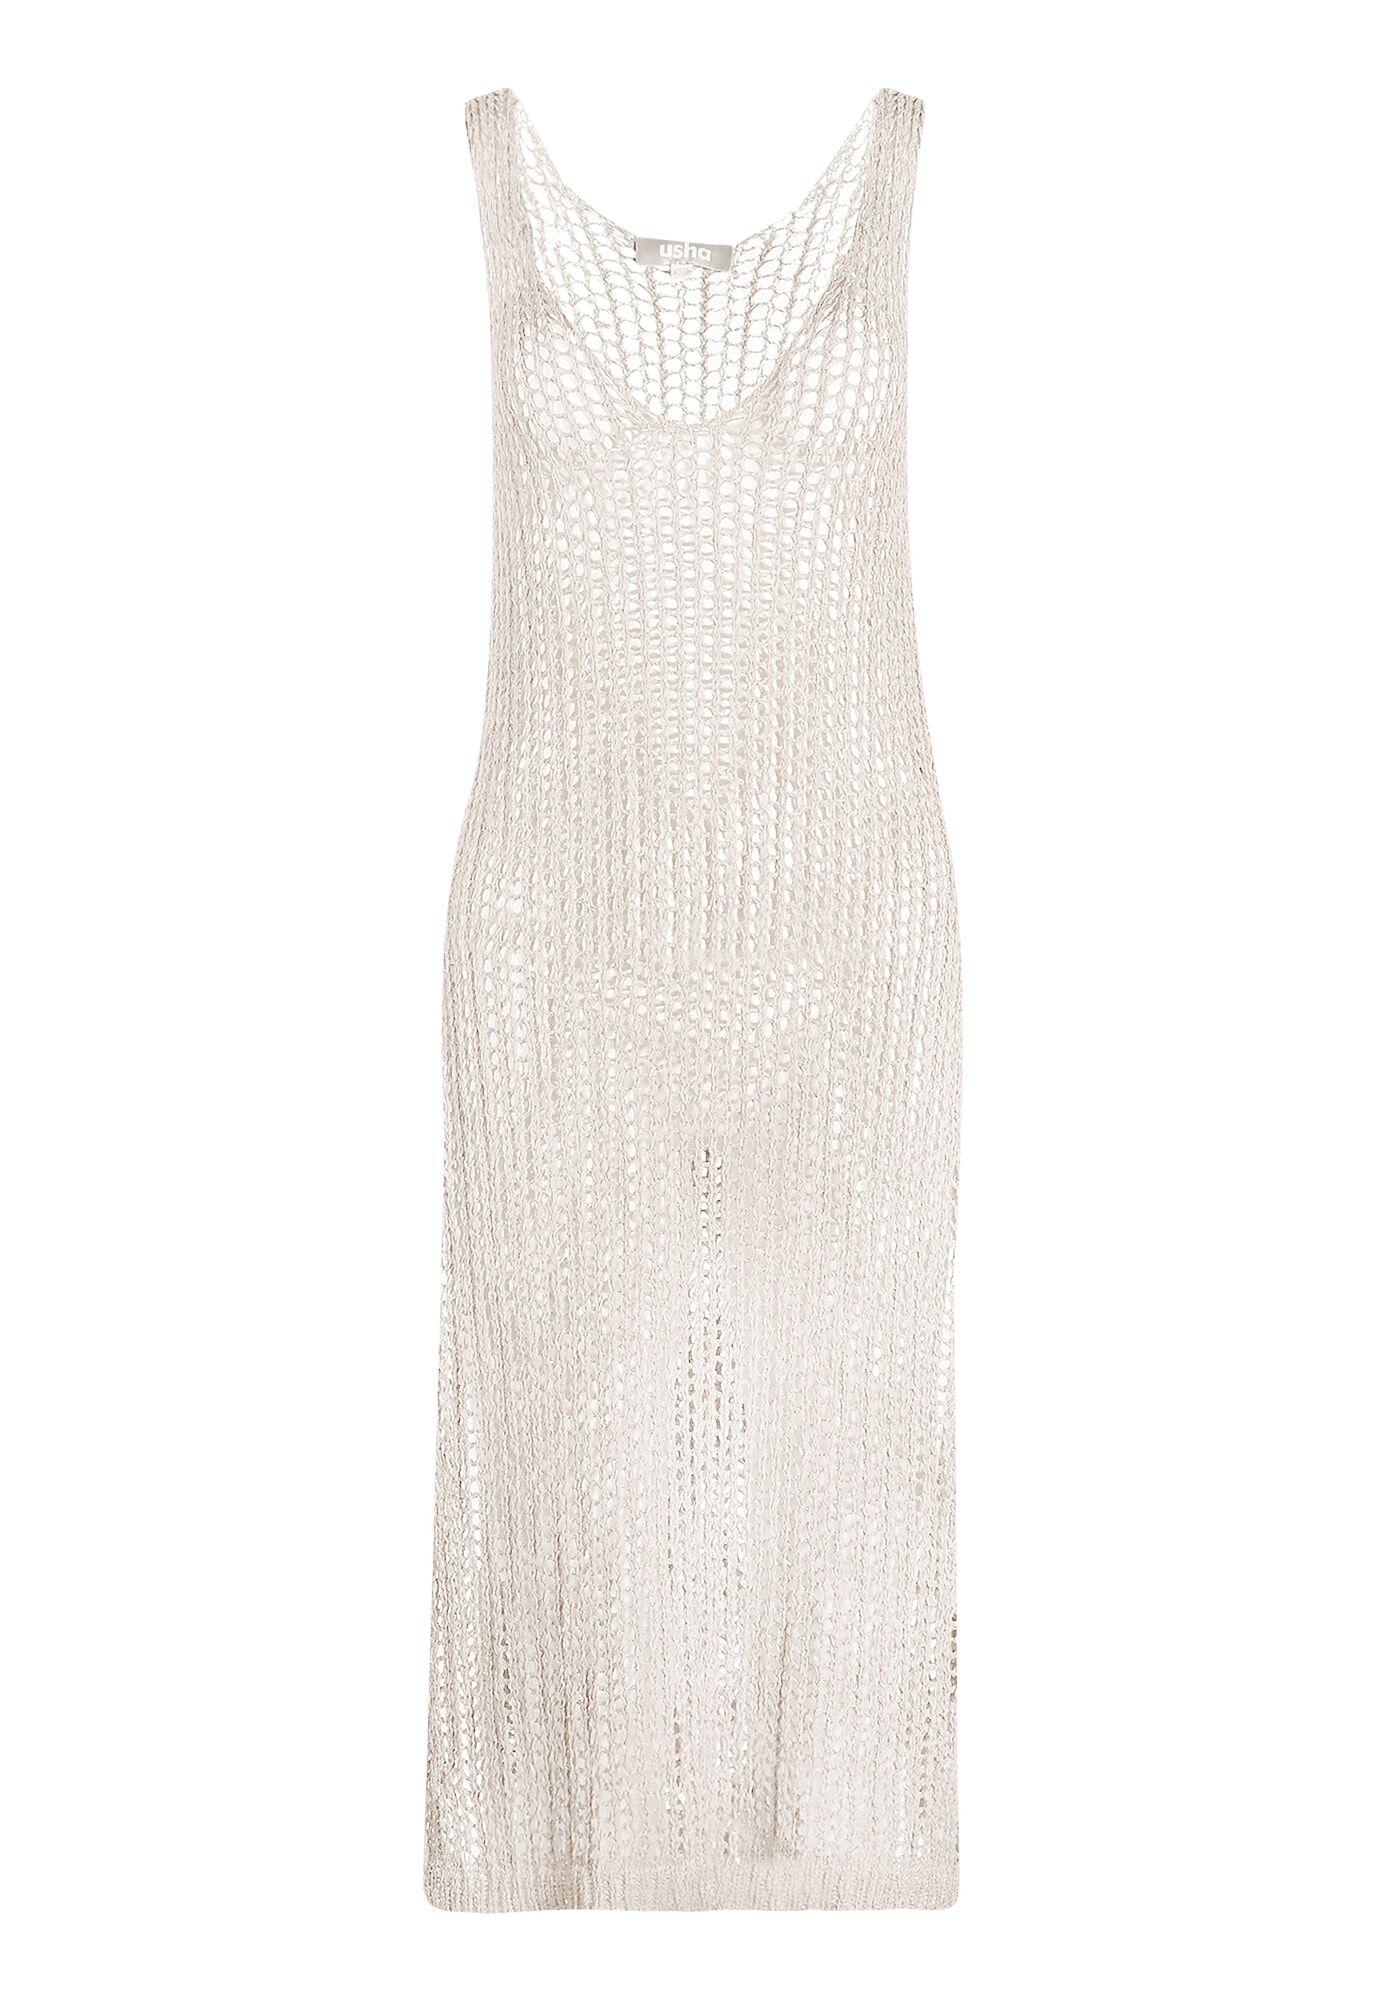 Usha Vêtement de plage  - Beige - Taille: 42-44 - female